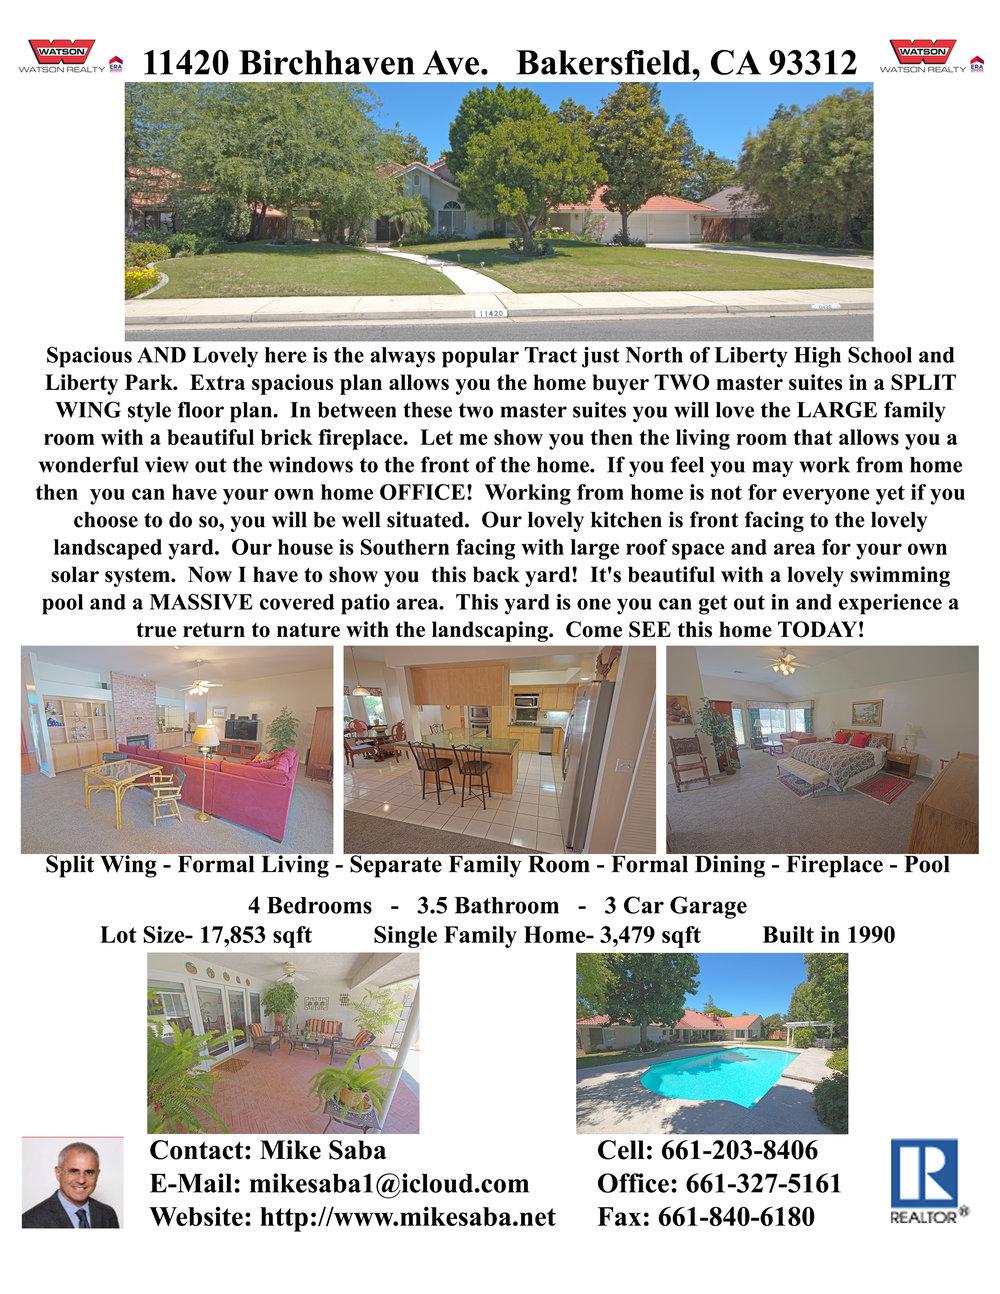 11420 Birchhaven Ave Flyer-1.jpg